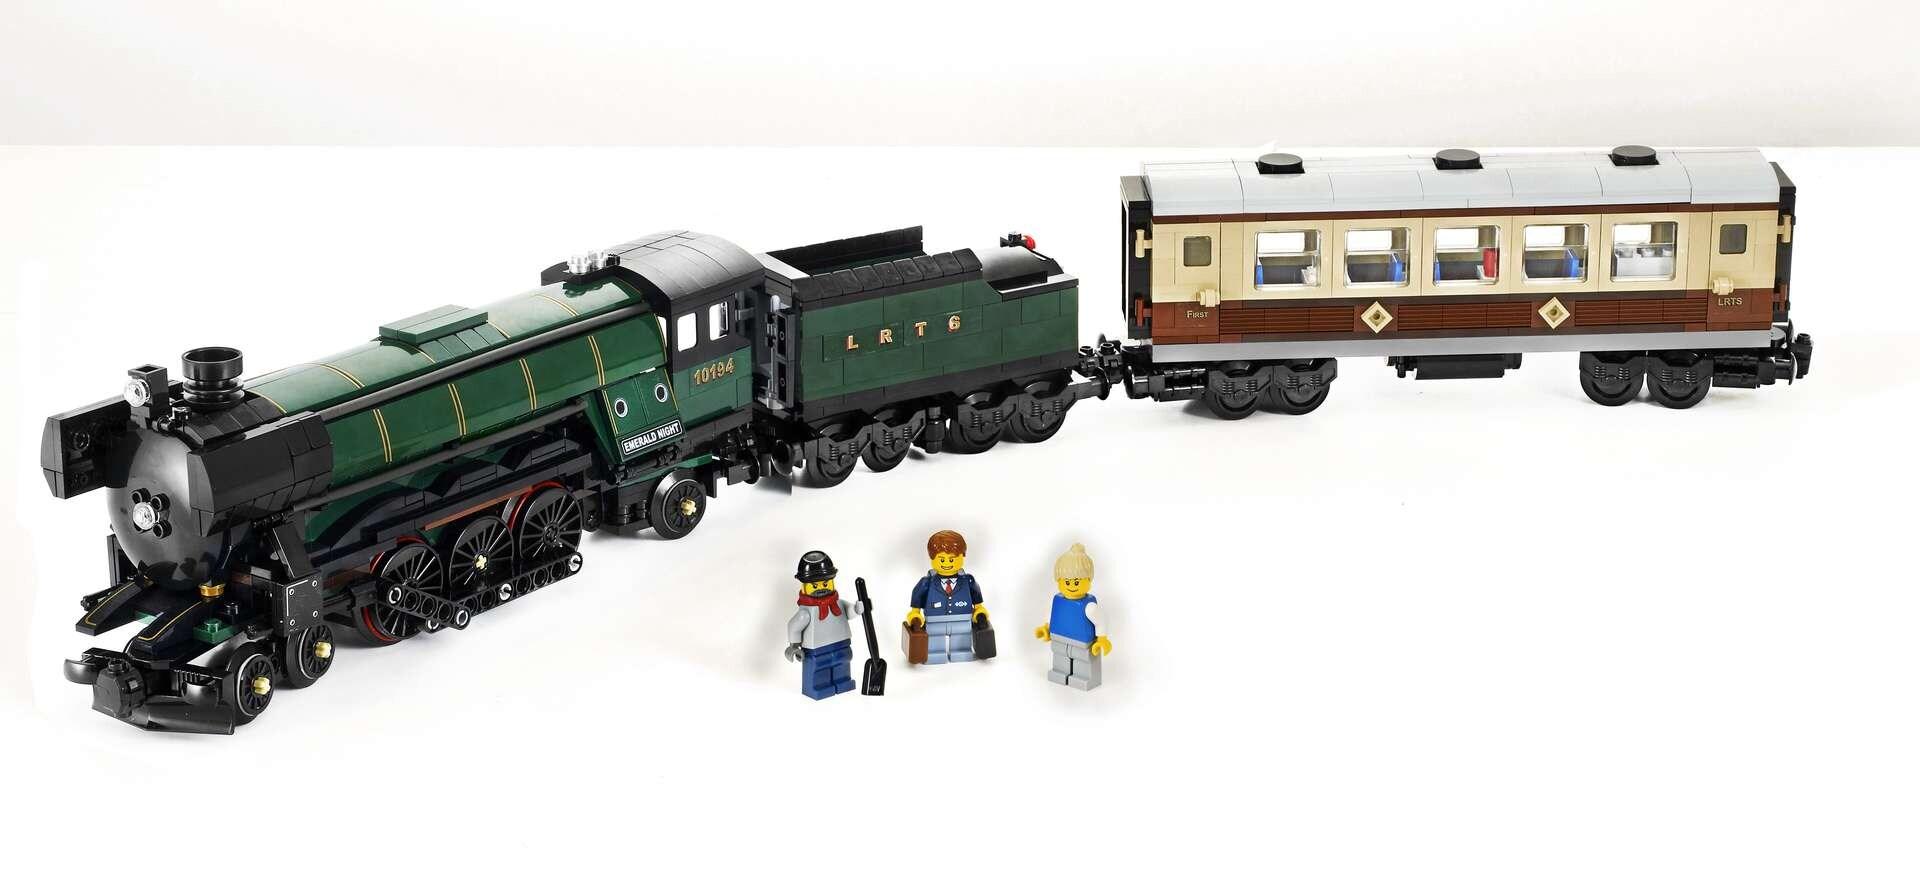 LEGO_anni'00_10194_2009_risultato